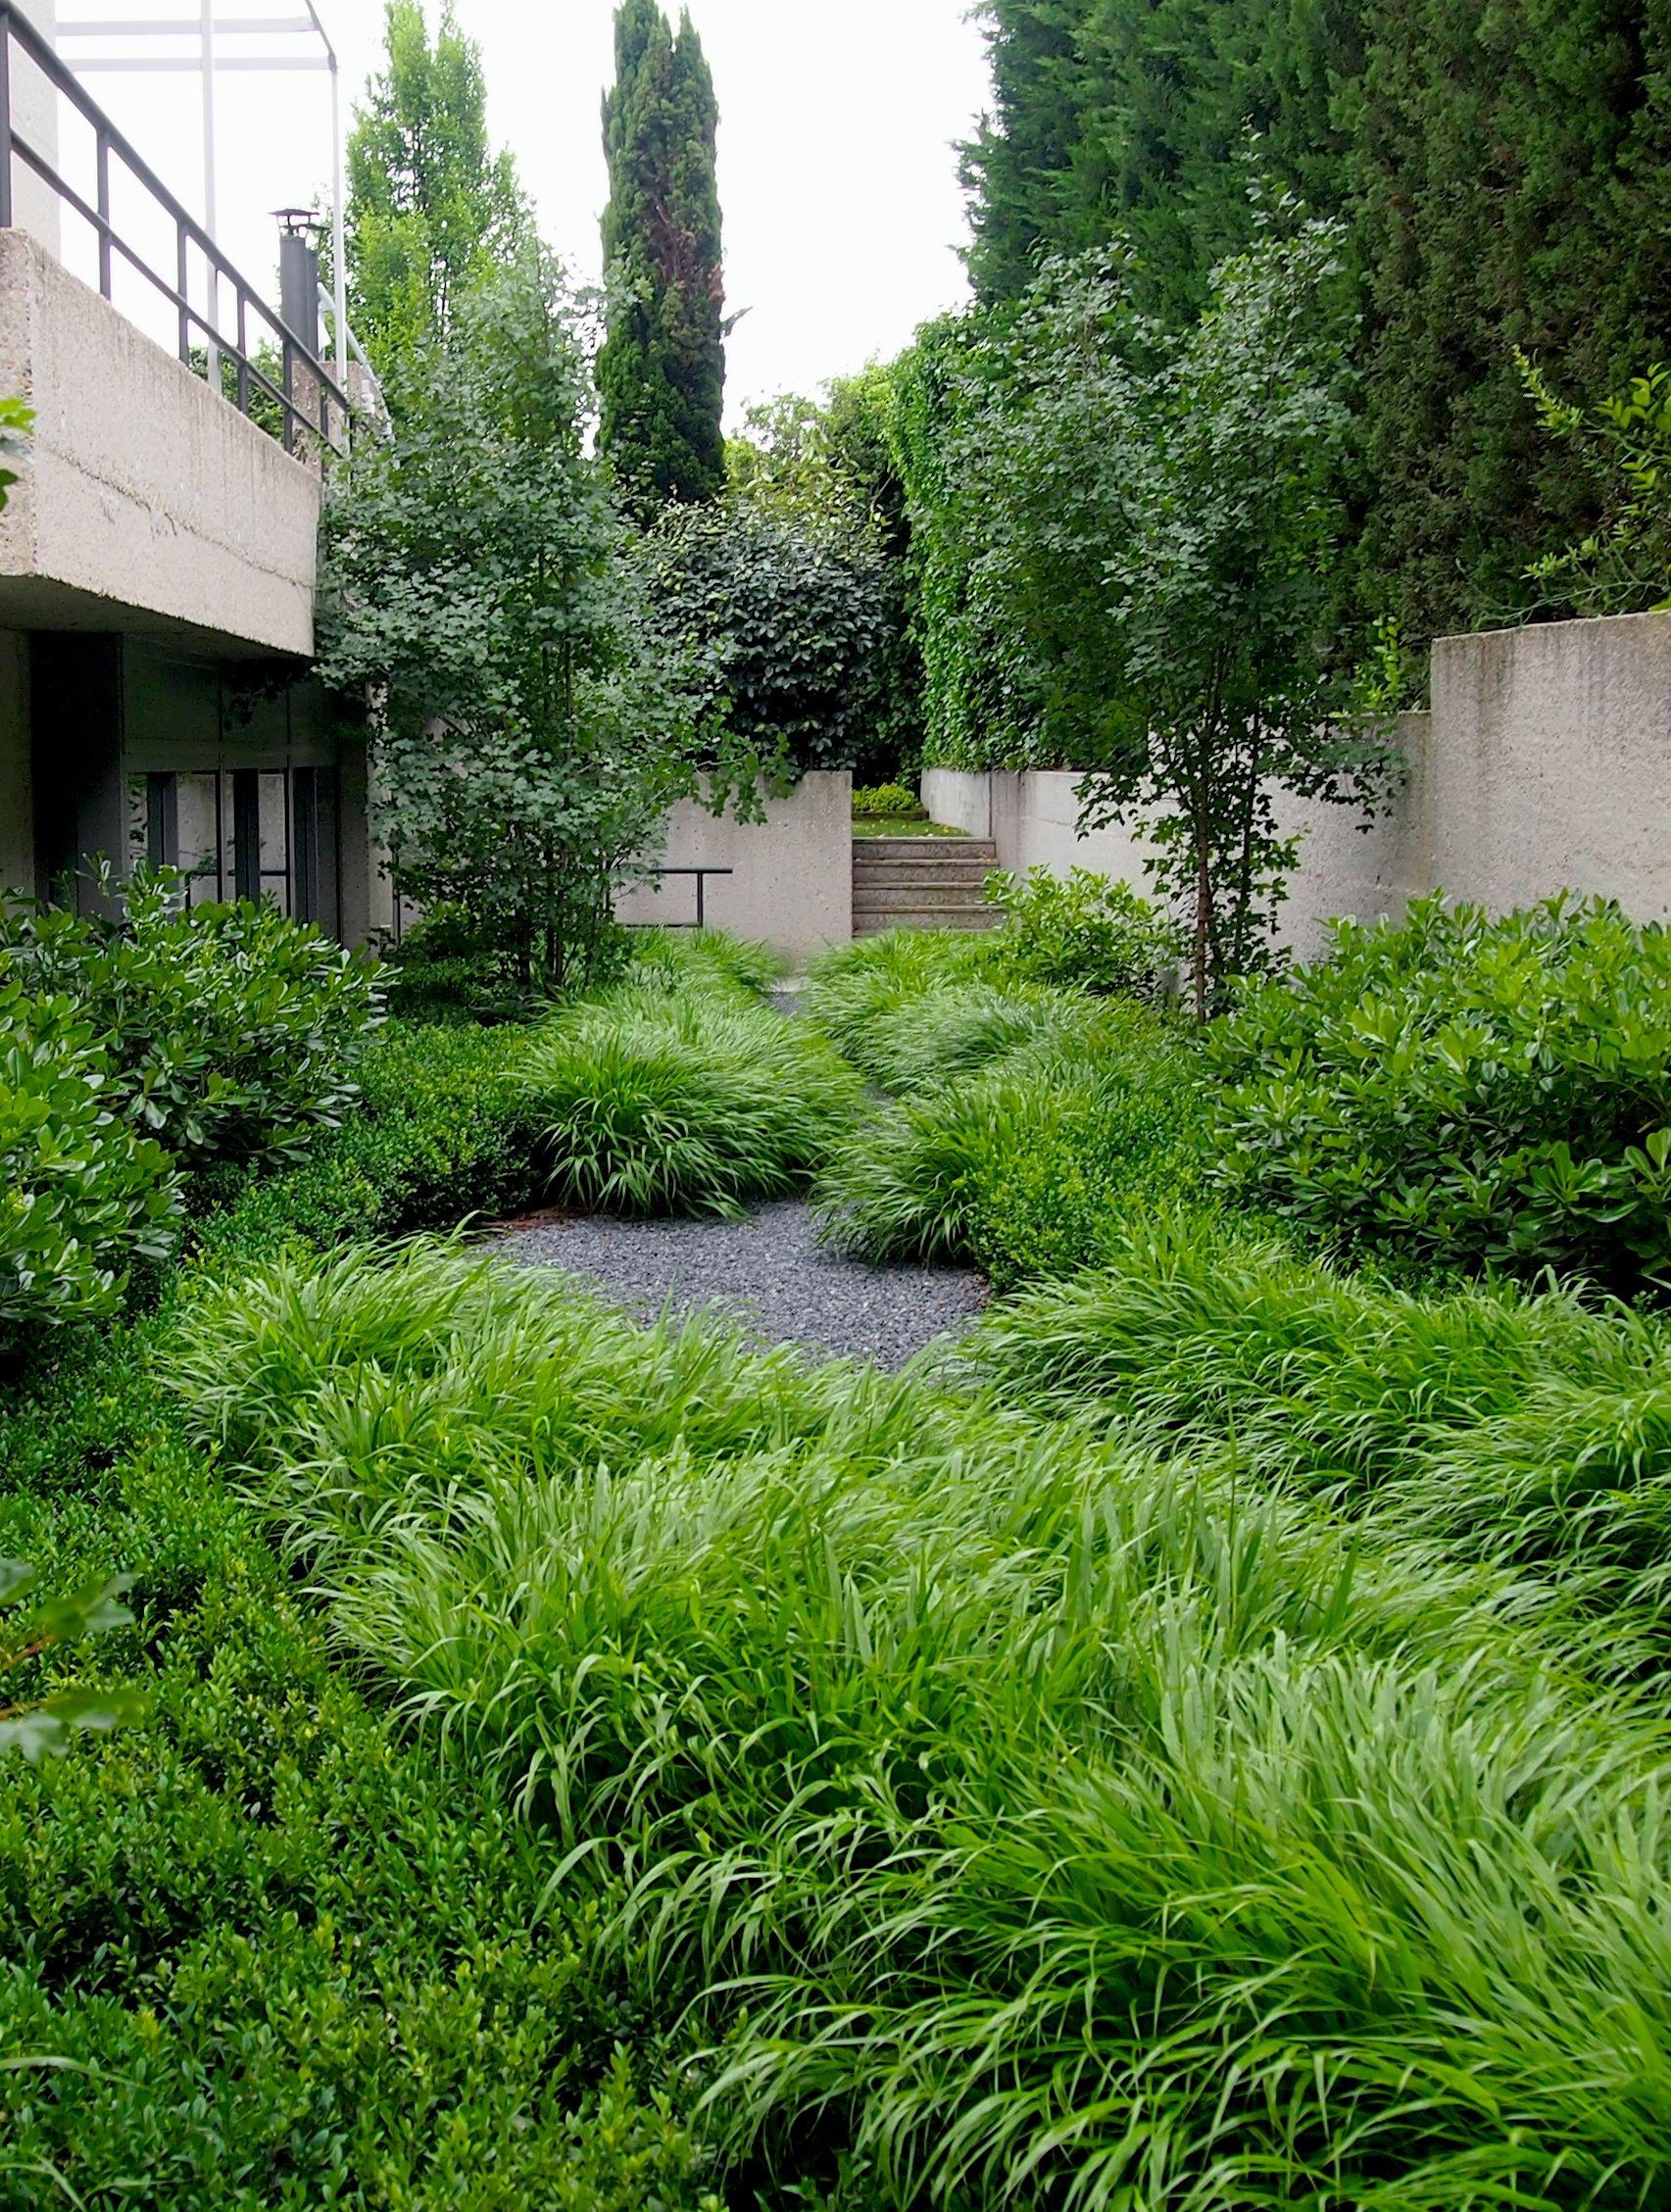 hakonechloa macra jard n aravaca paisajismo miguel urquijo garden design jardins. Black Bedroom Furniture Sets. Home Design Ideas